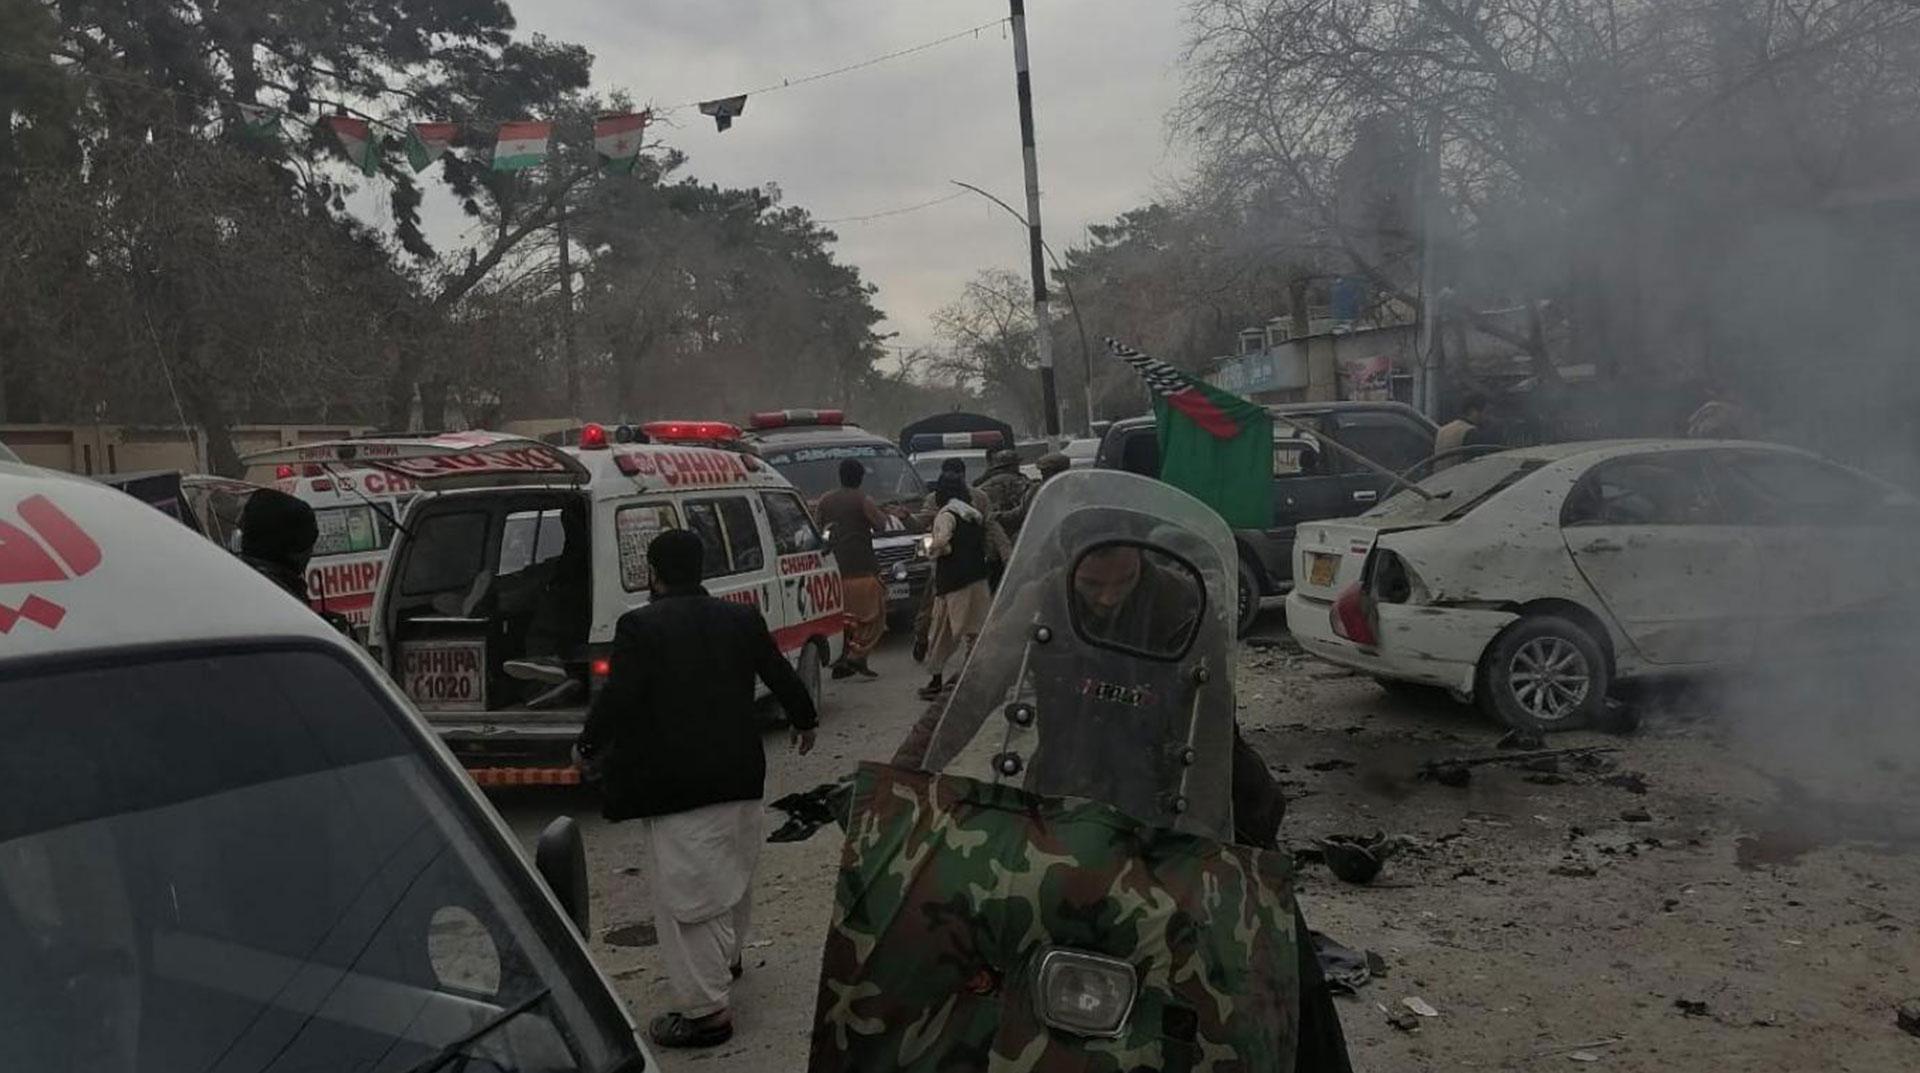 Pakistan'da Protesto Sırasında Patlama: Ölü ve Yaralılar Var